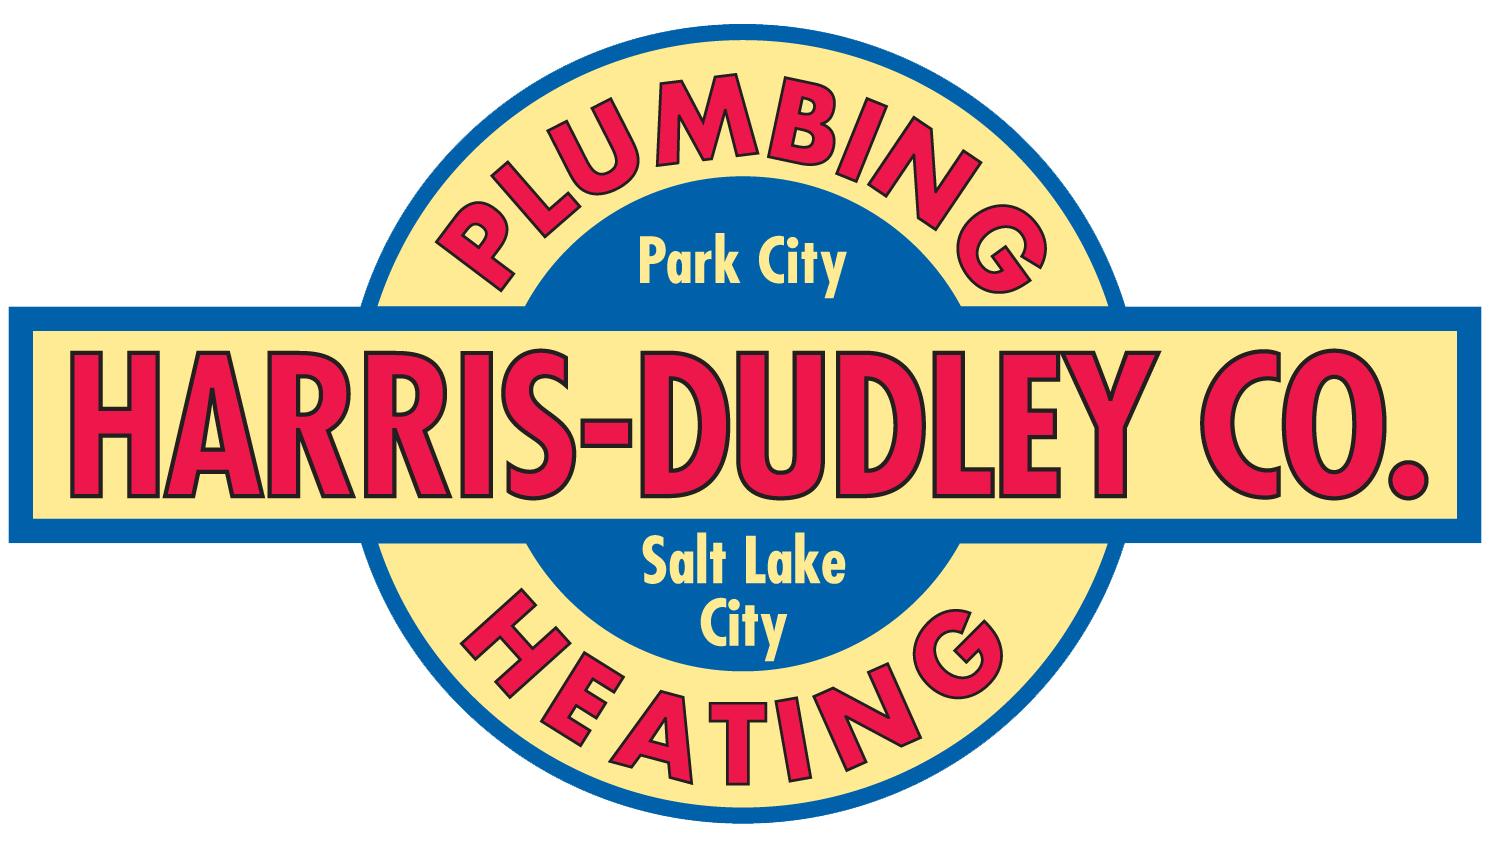 HARRIS-DUDLEY CO.